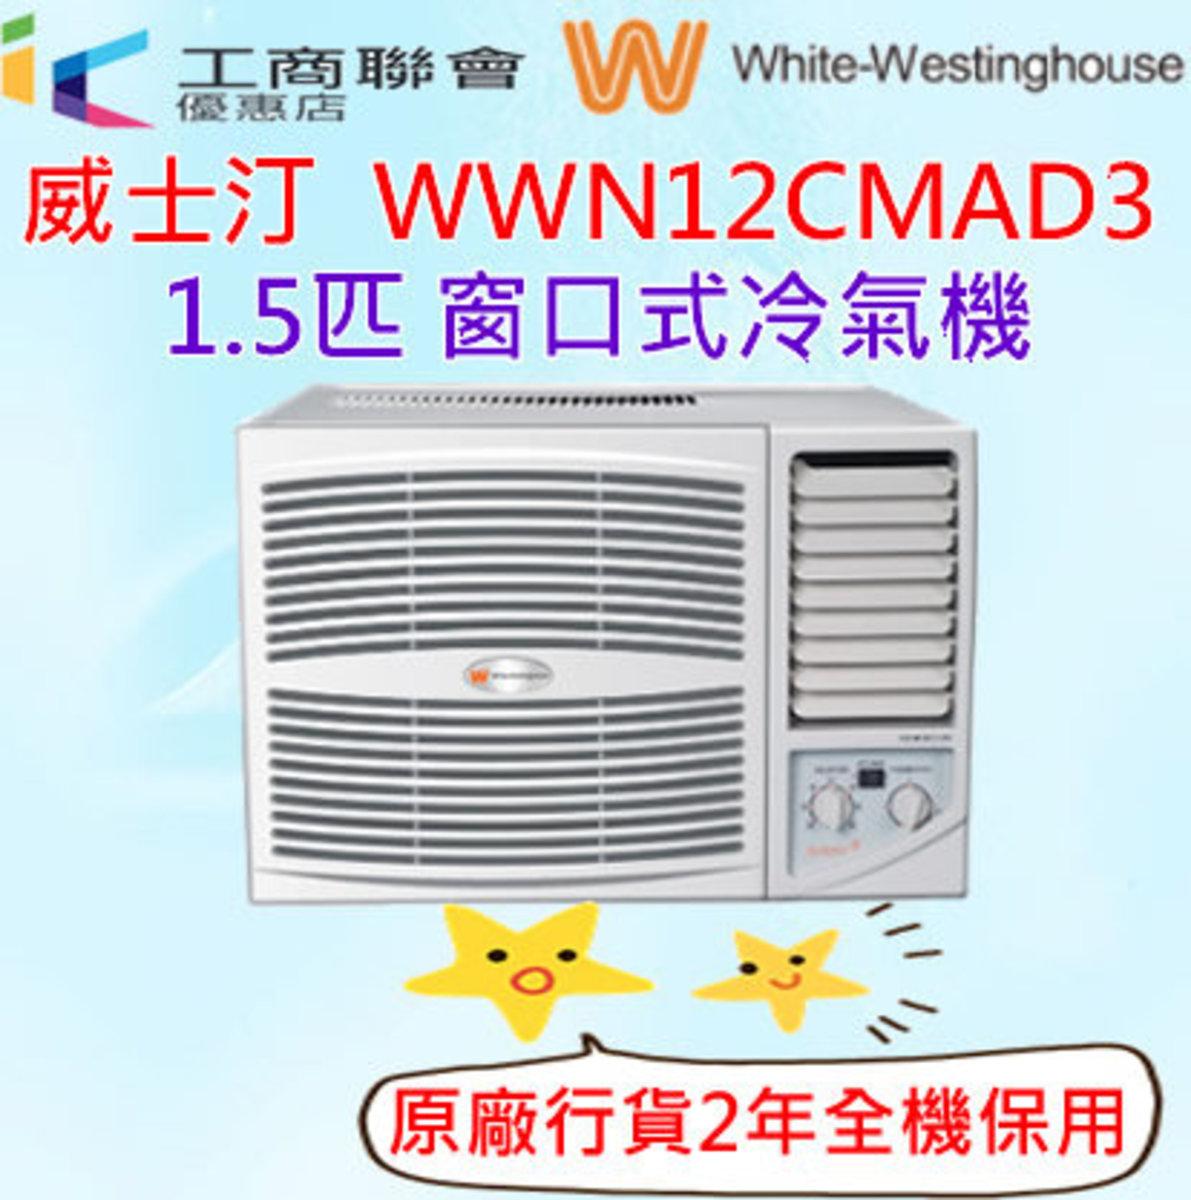 WWN12CMAD3   1.5匹淨冷窗口式冷氣機(免費除舊服務)